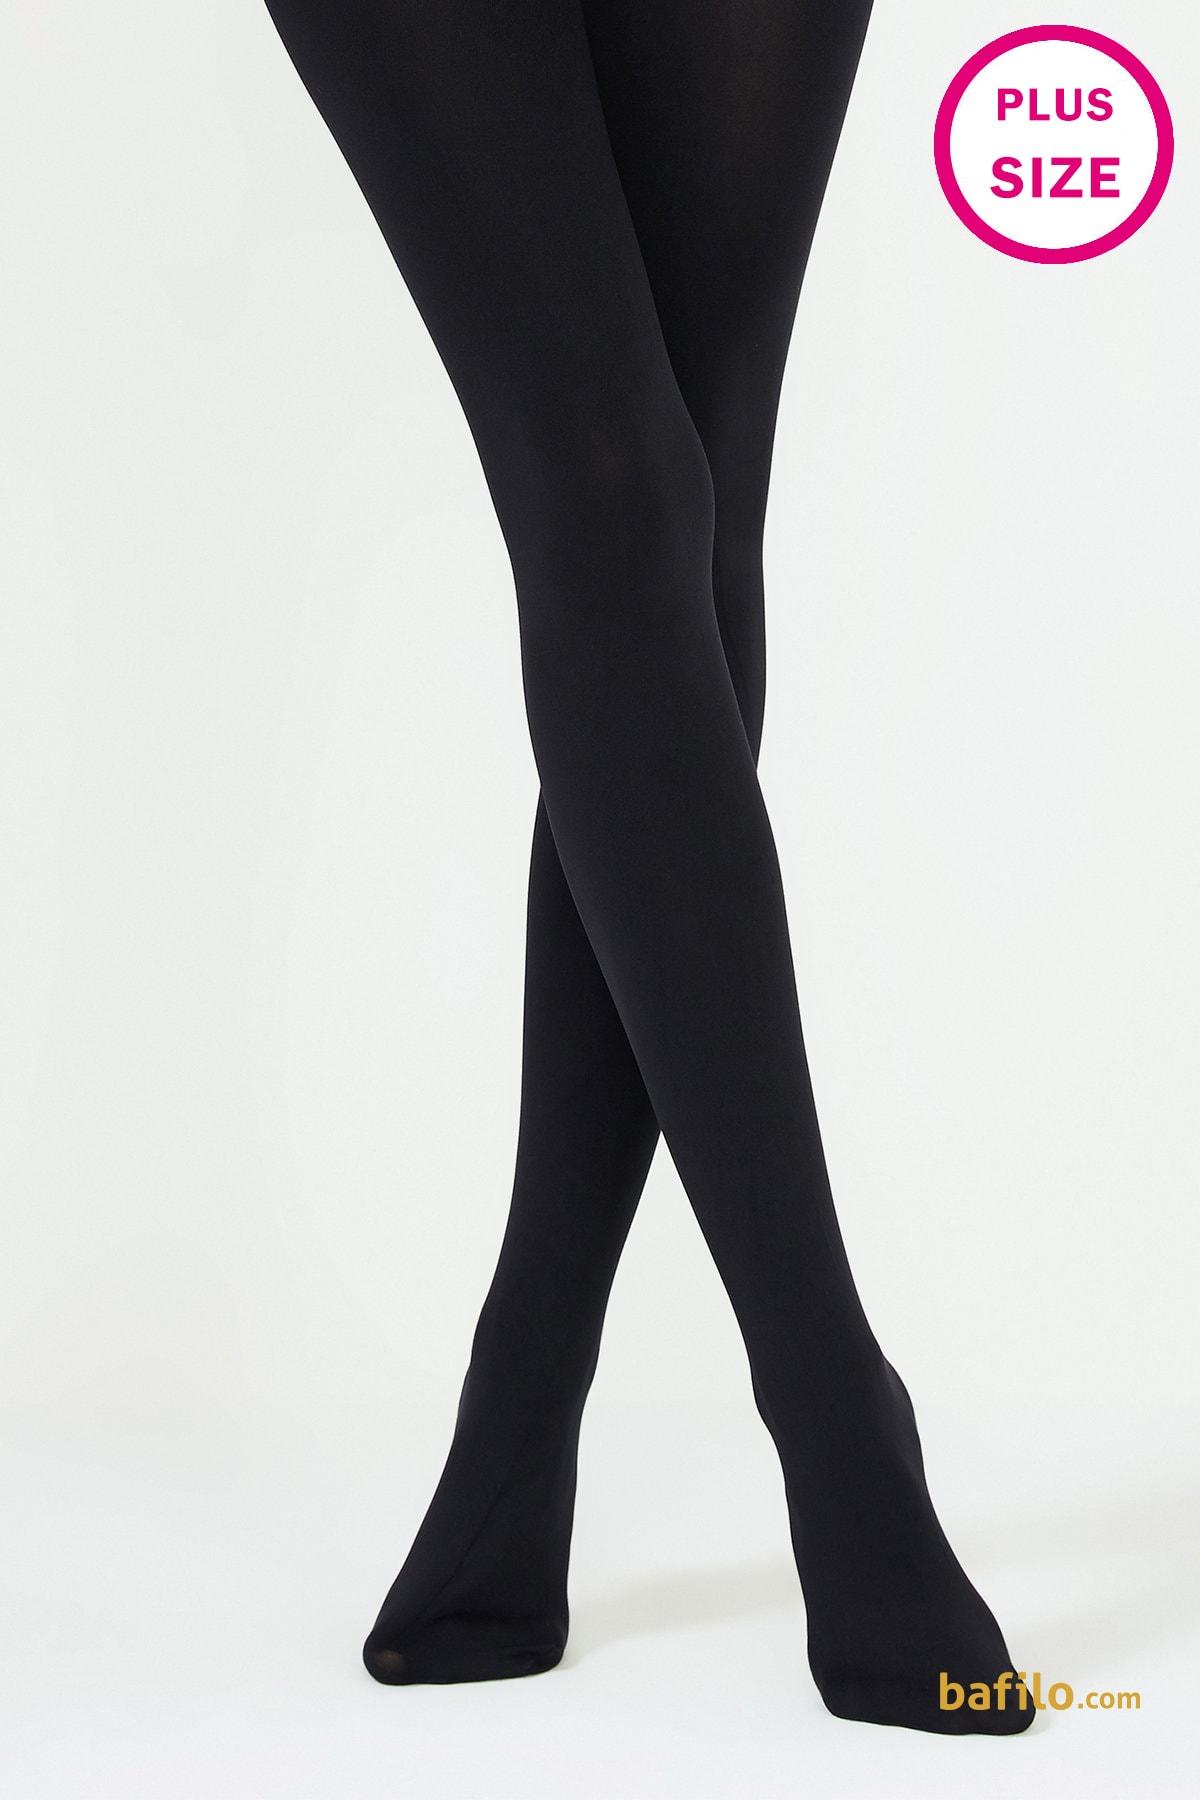 پنتی | Penti - جوراب شلواری سایز بزرگ ضخیم پنتی  Mikro 200 مشکی